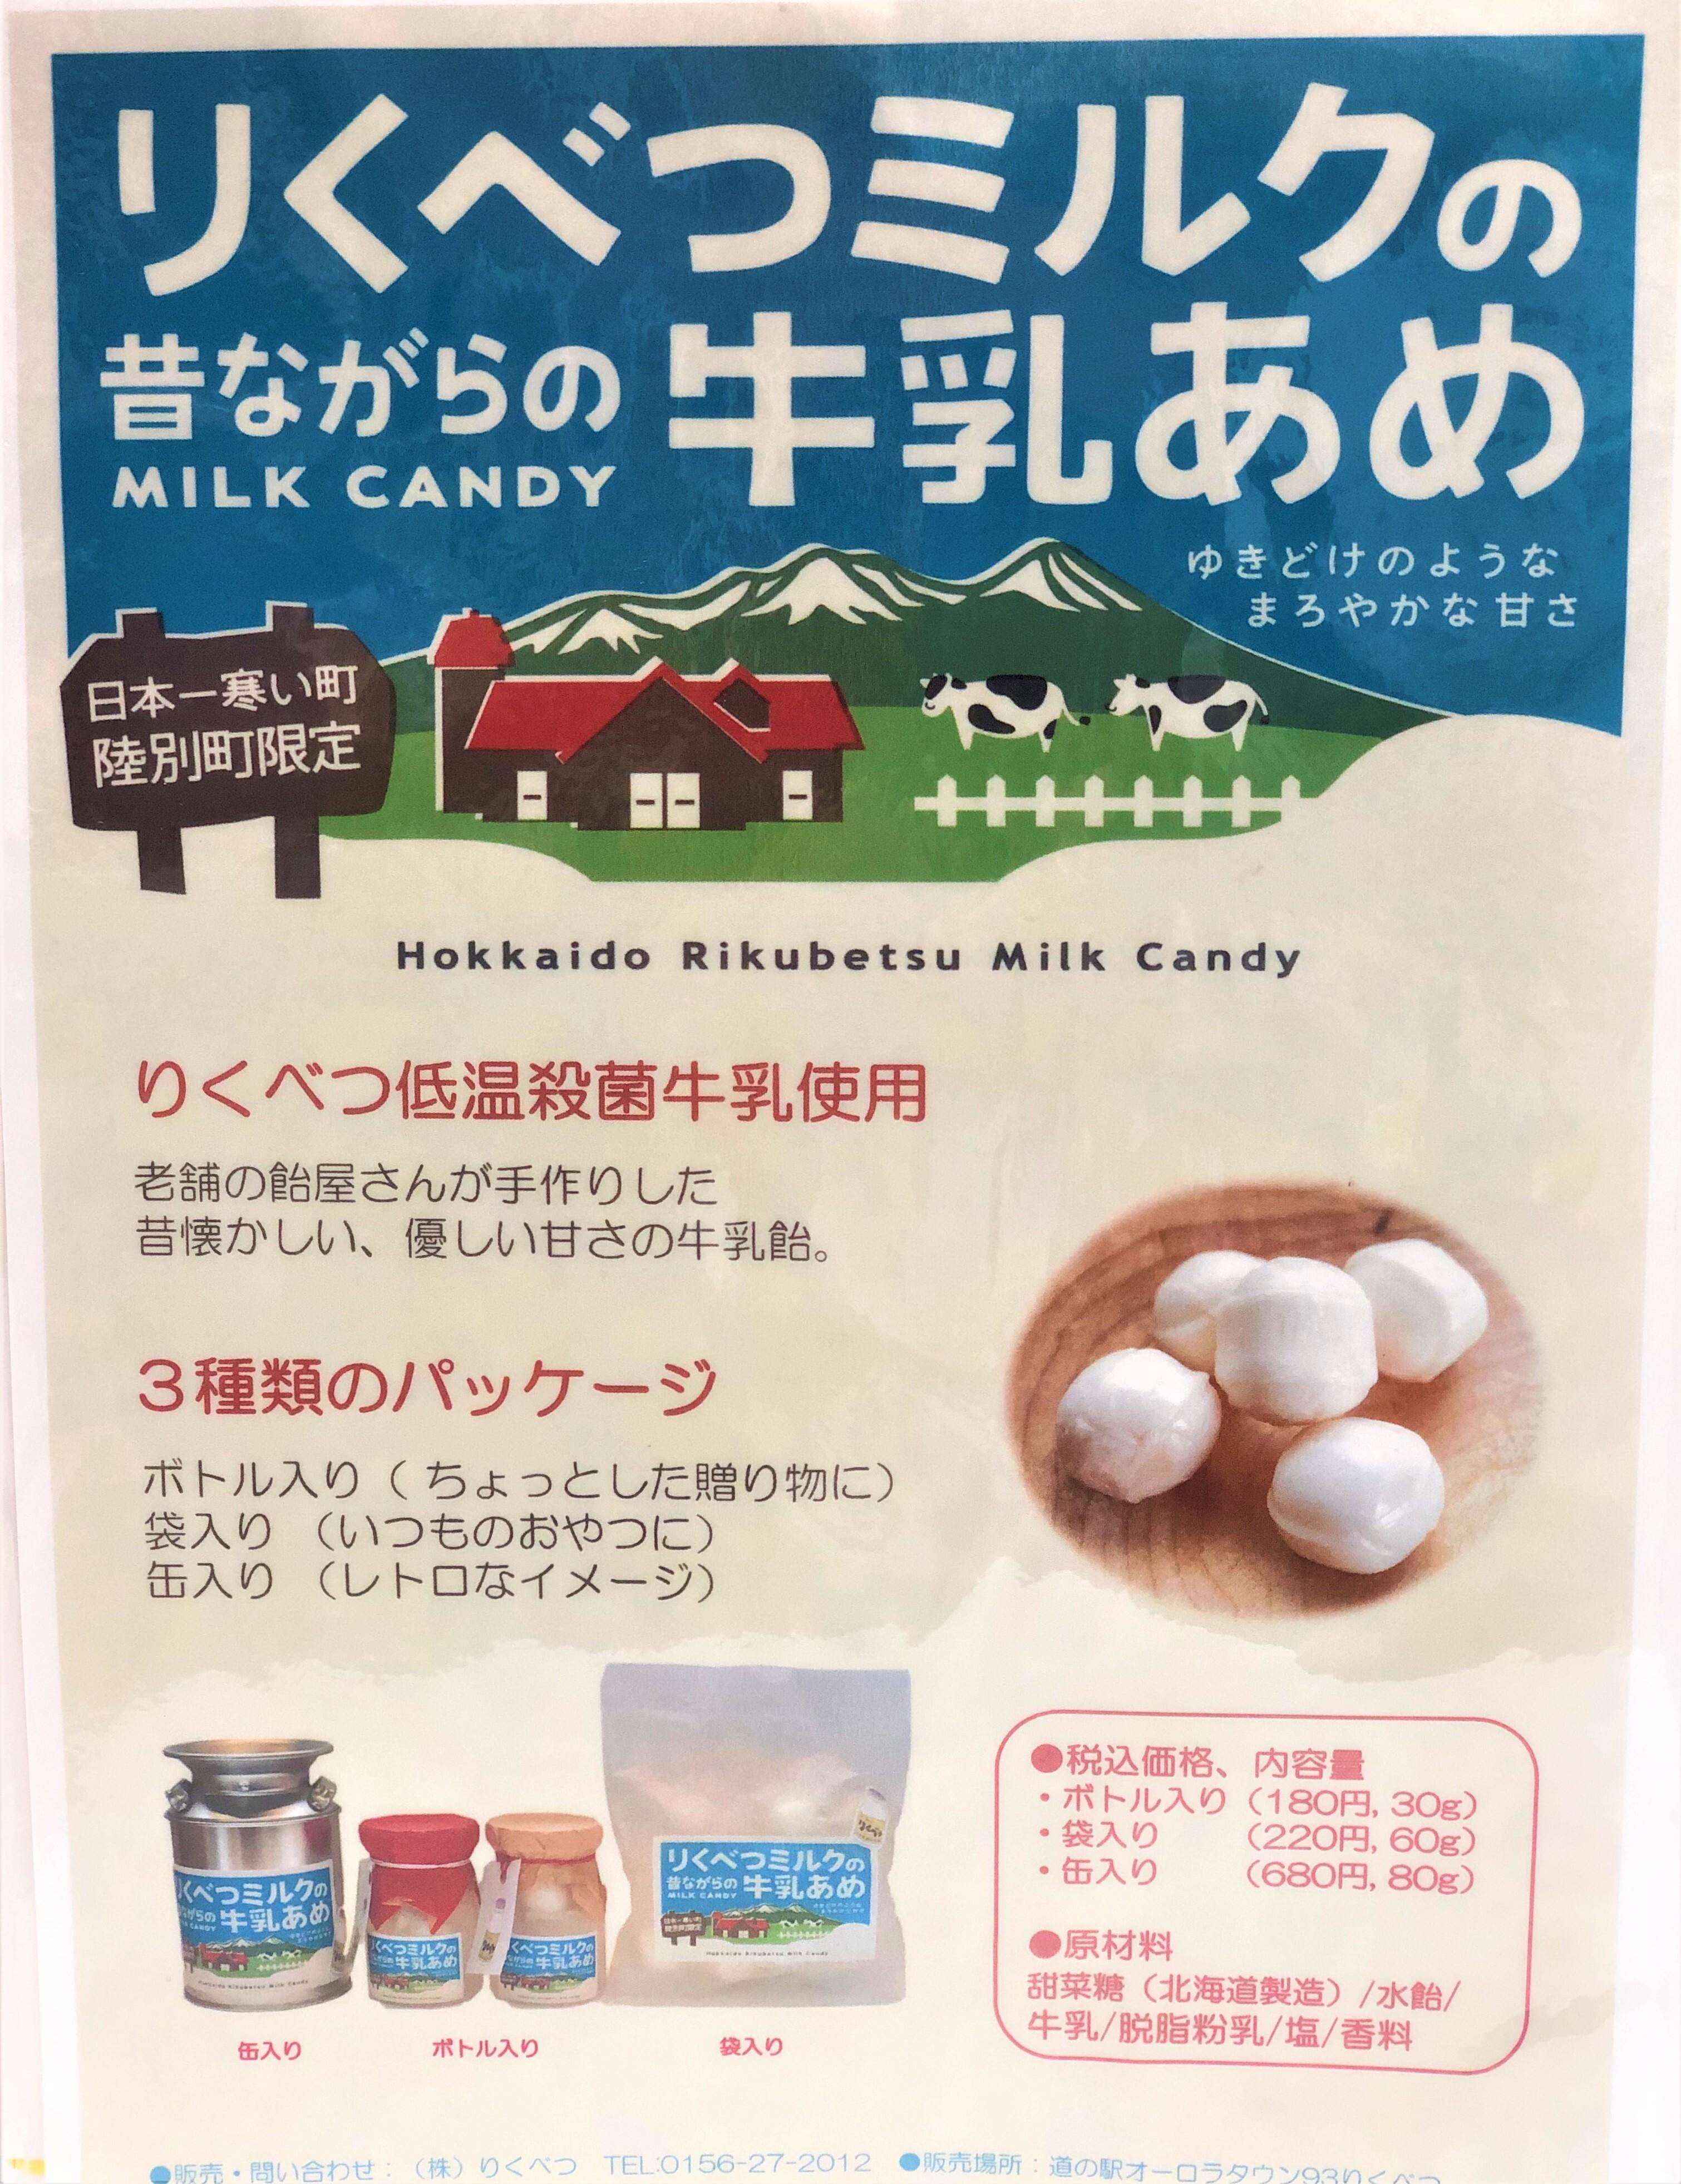 【常温】りくべつミルクの昔ながらの牛乳あめ(ボトル) - 画像1